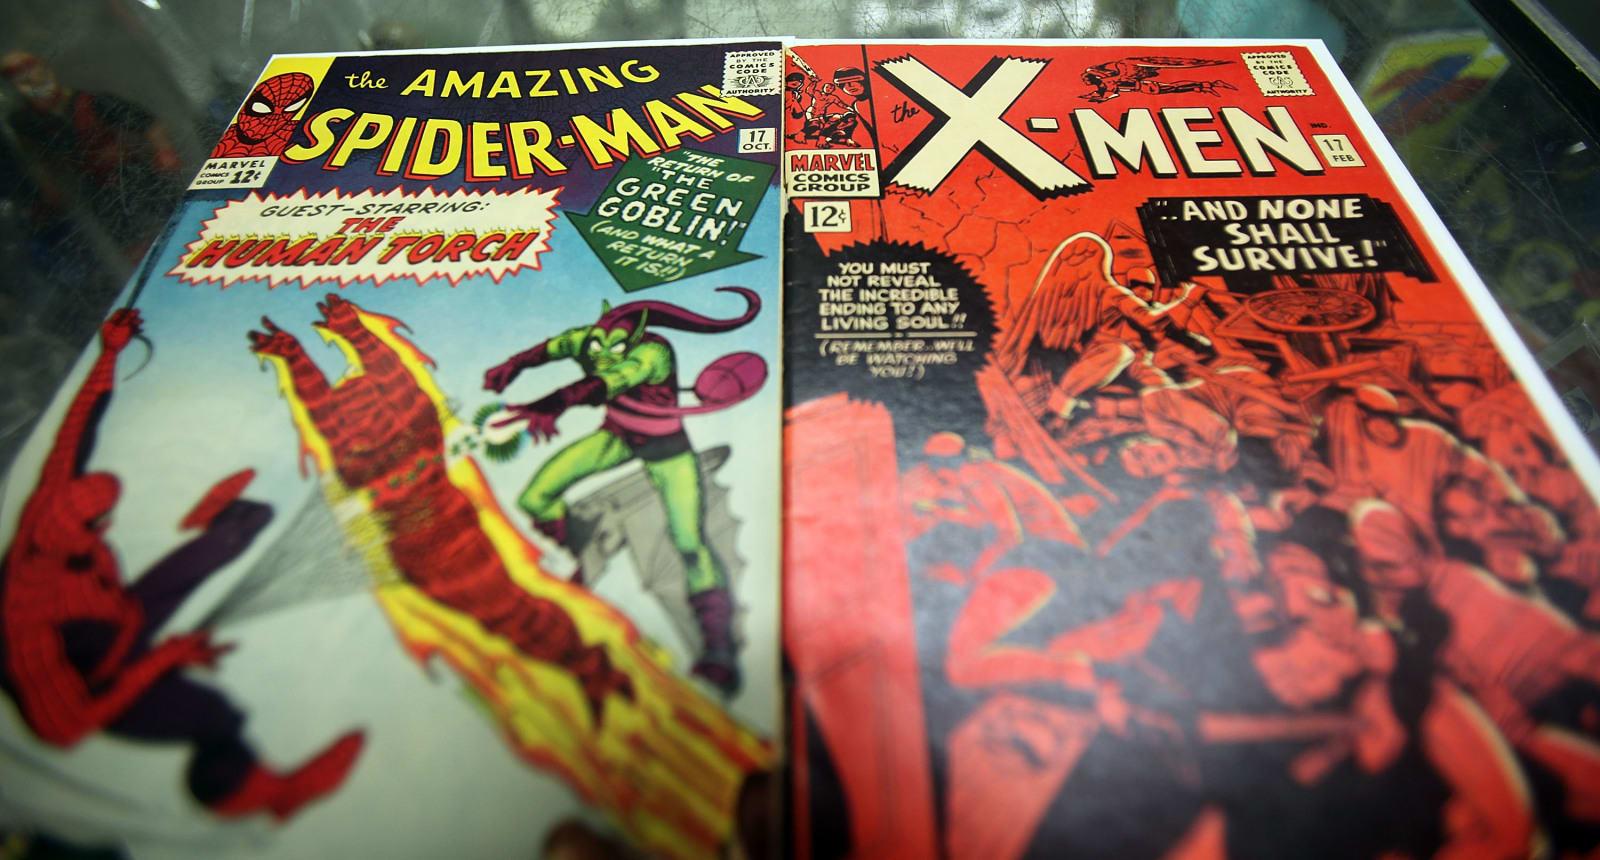 Marvel, superheroes